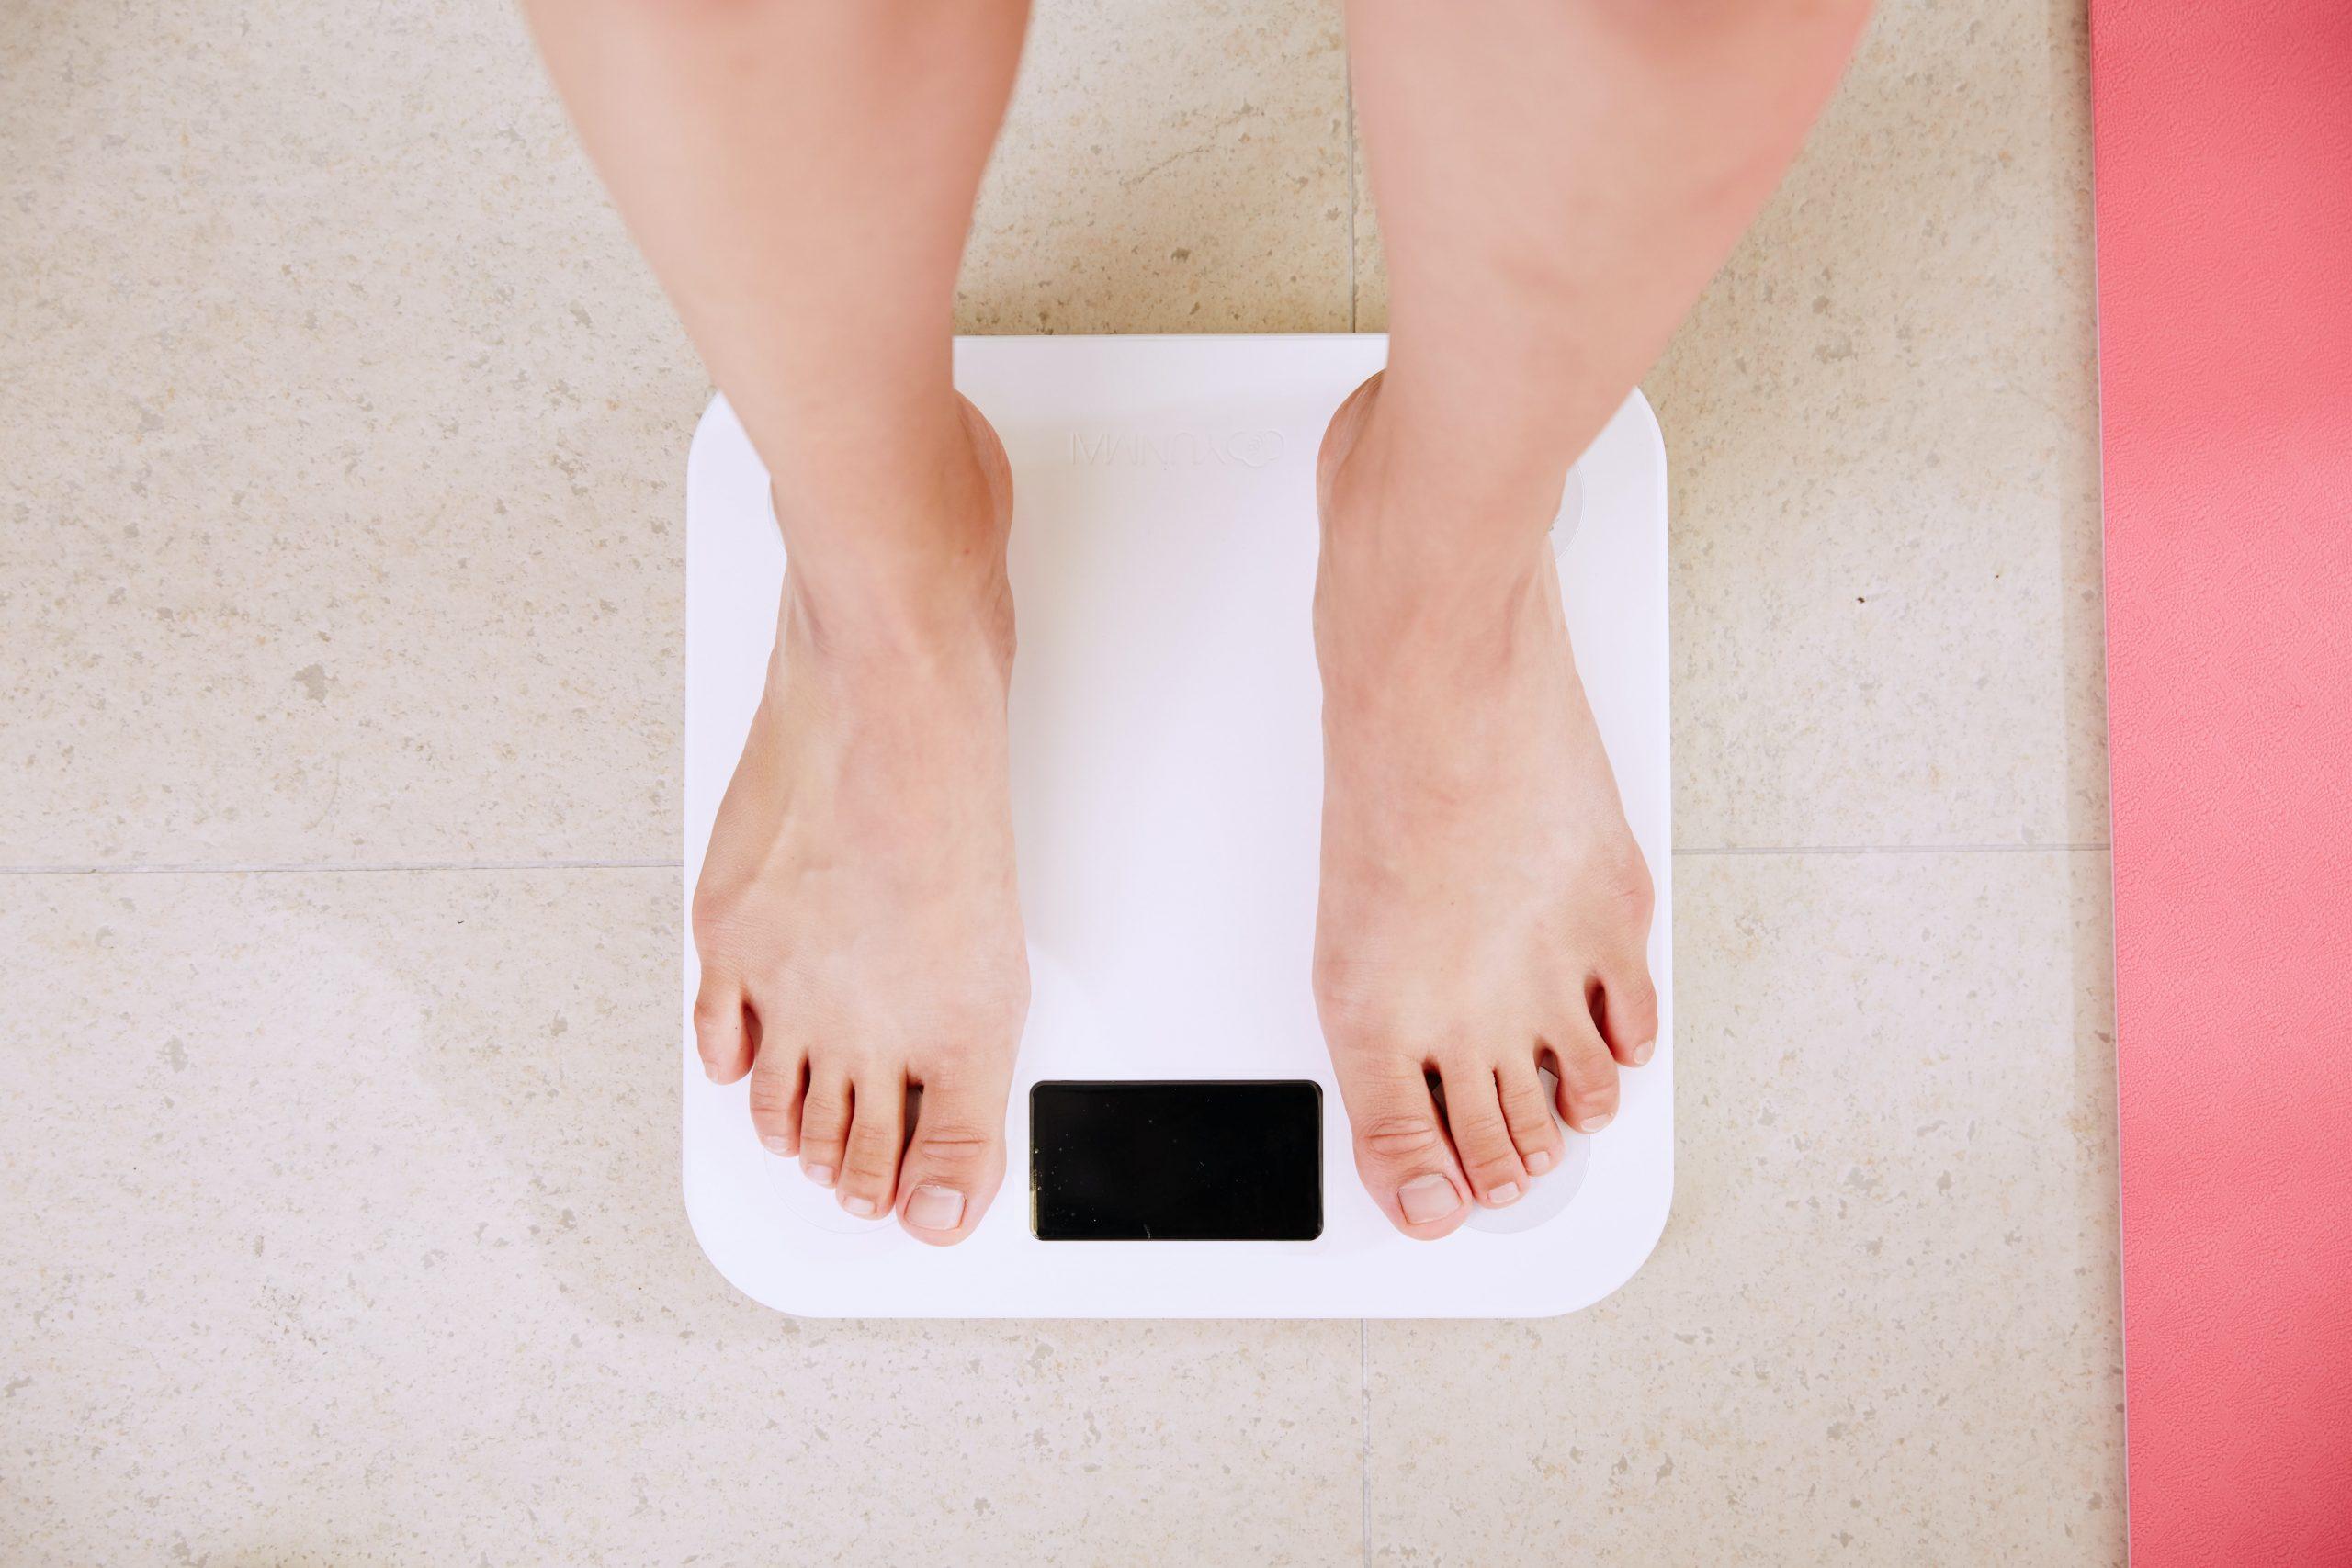 Imagem de uma pessoa se pesando.